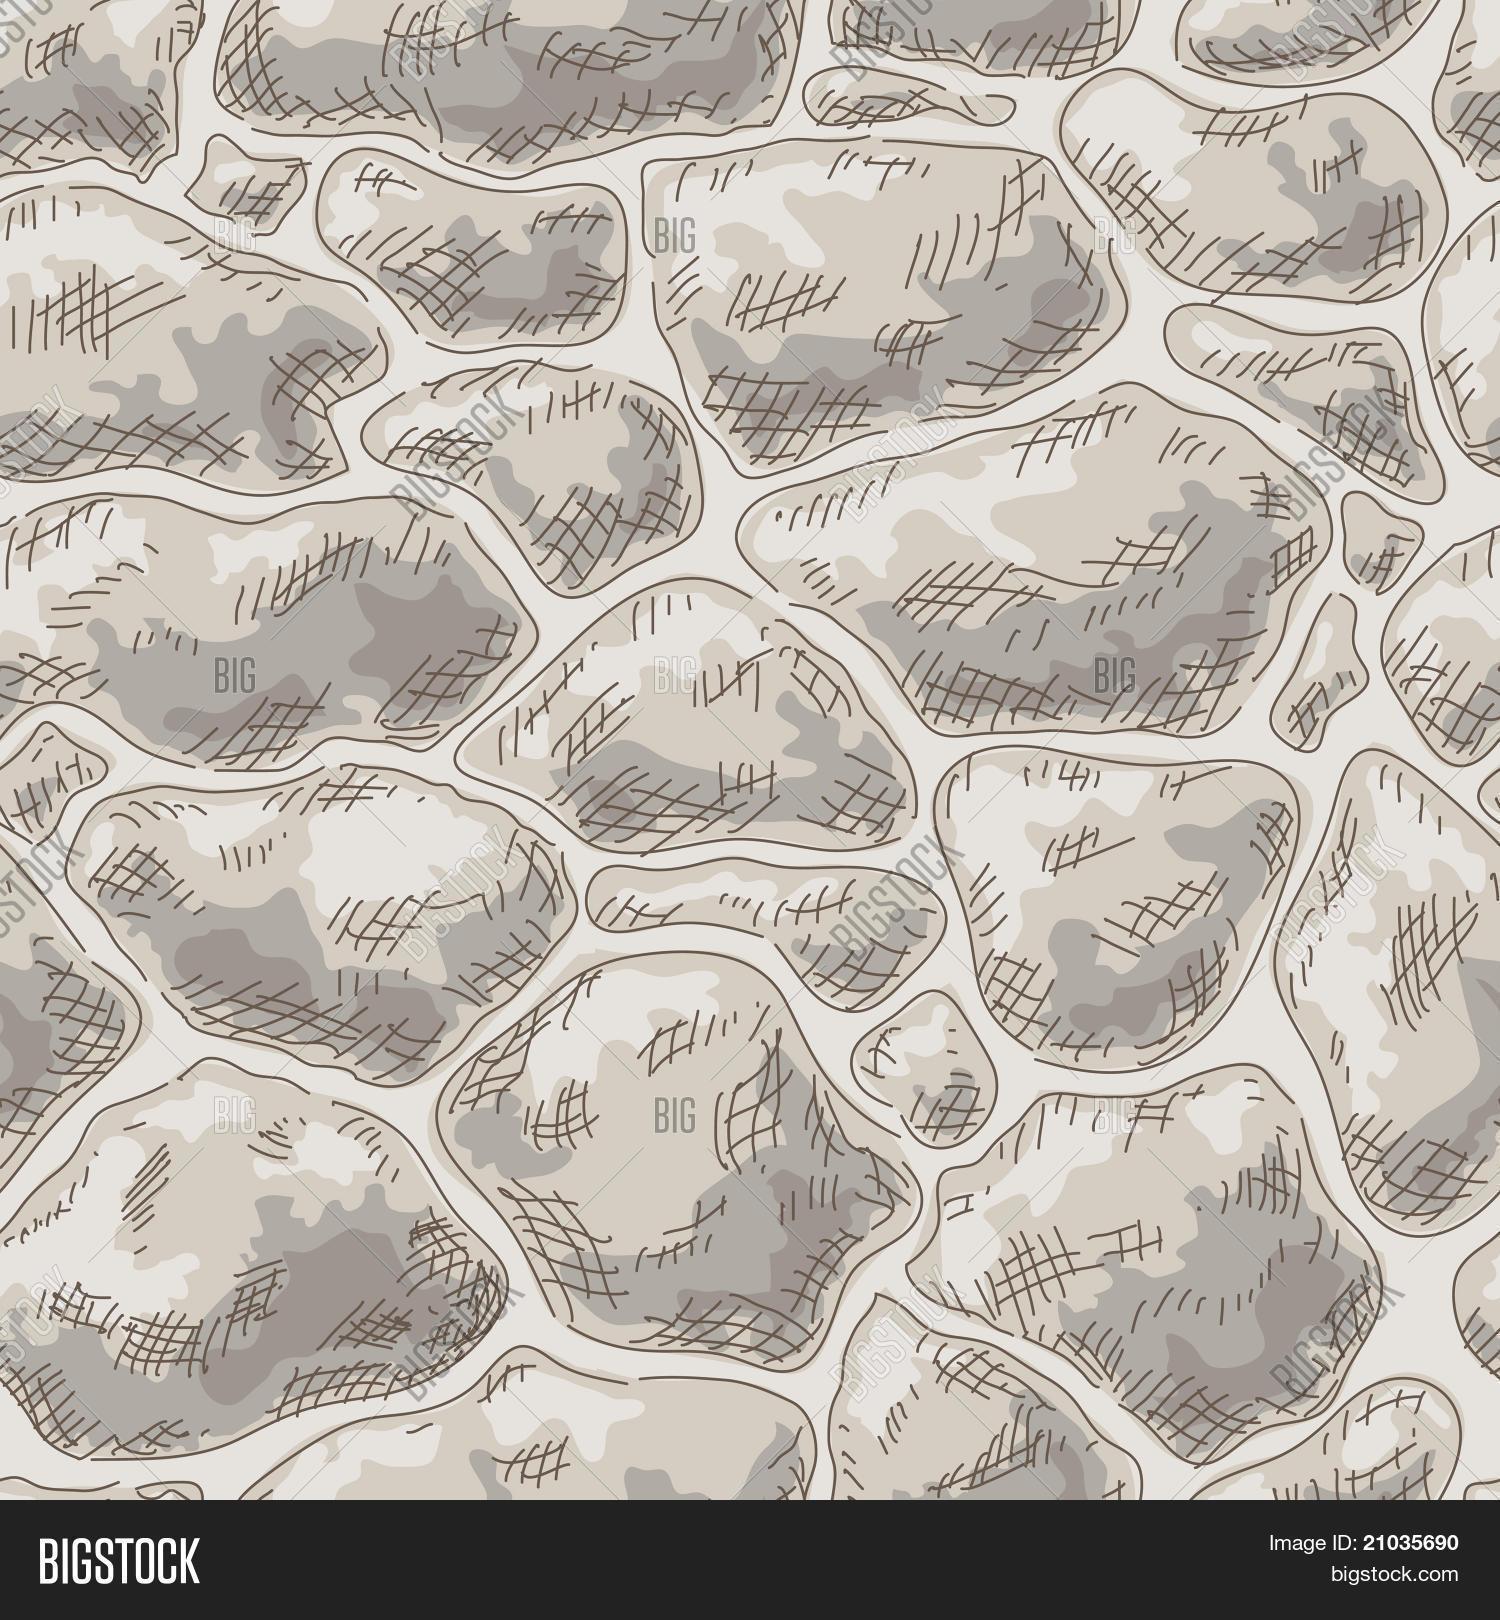 Vector y foto muro de piedra sin prueba gratis bigstock - Dibujos de piedras ...